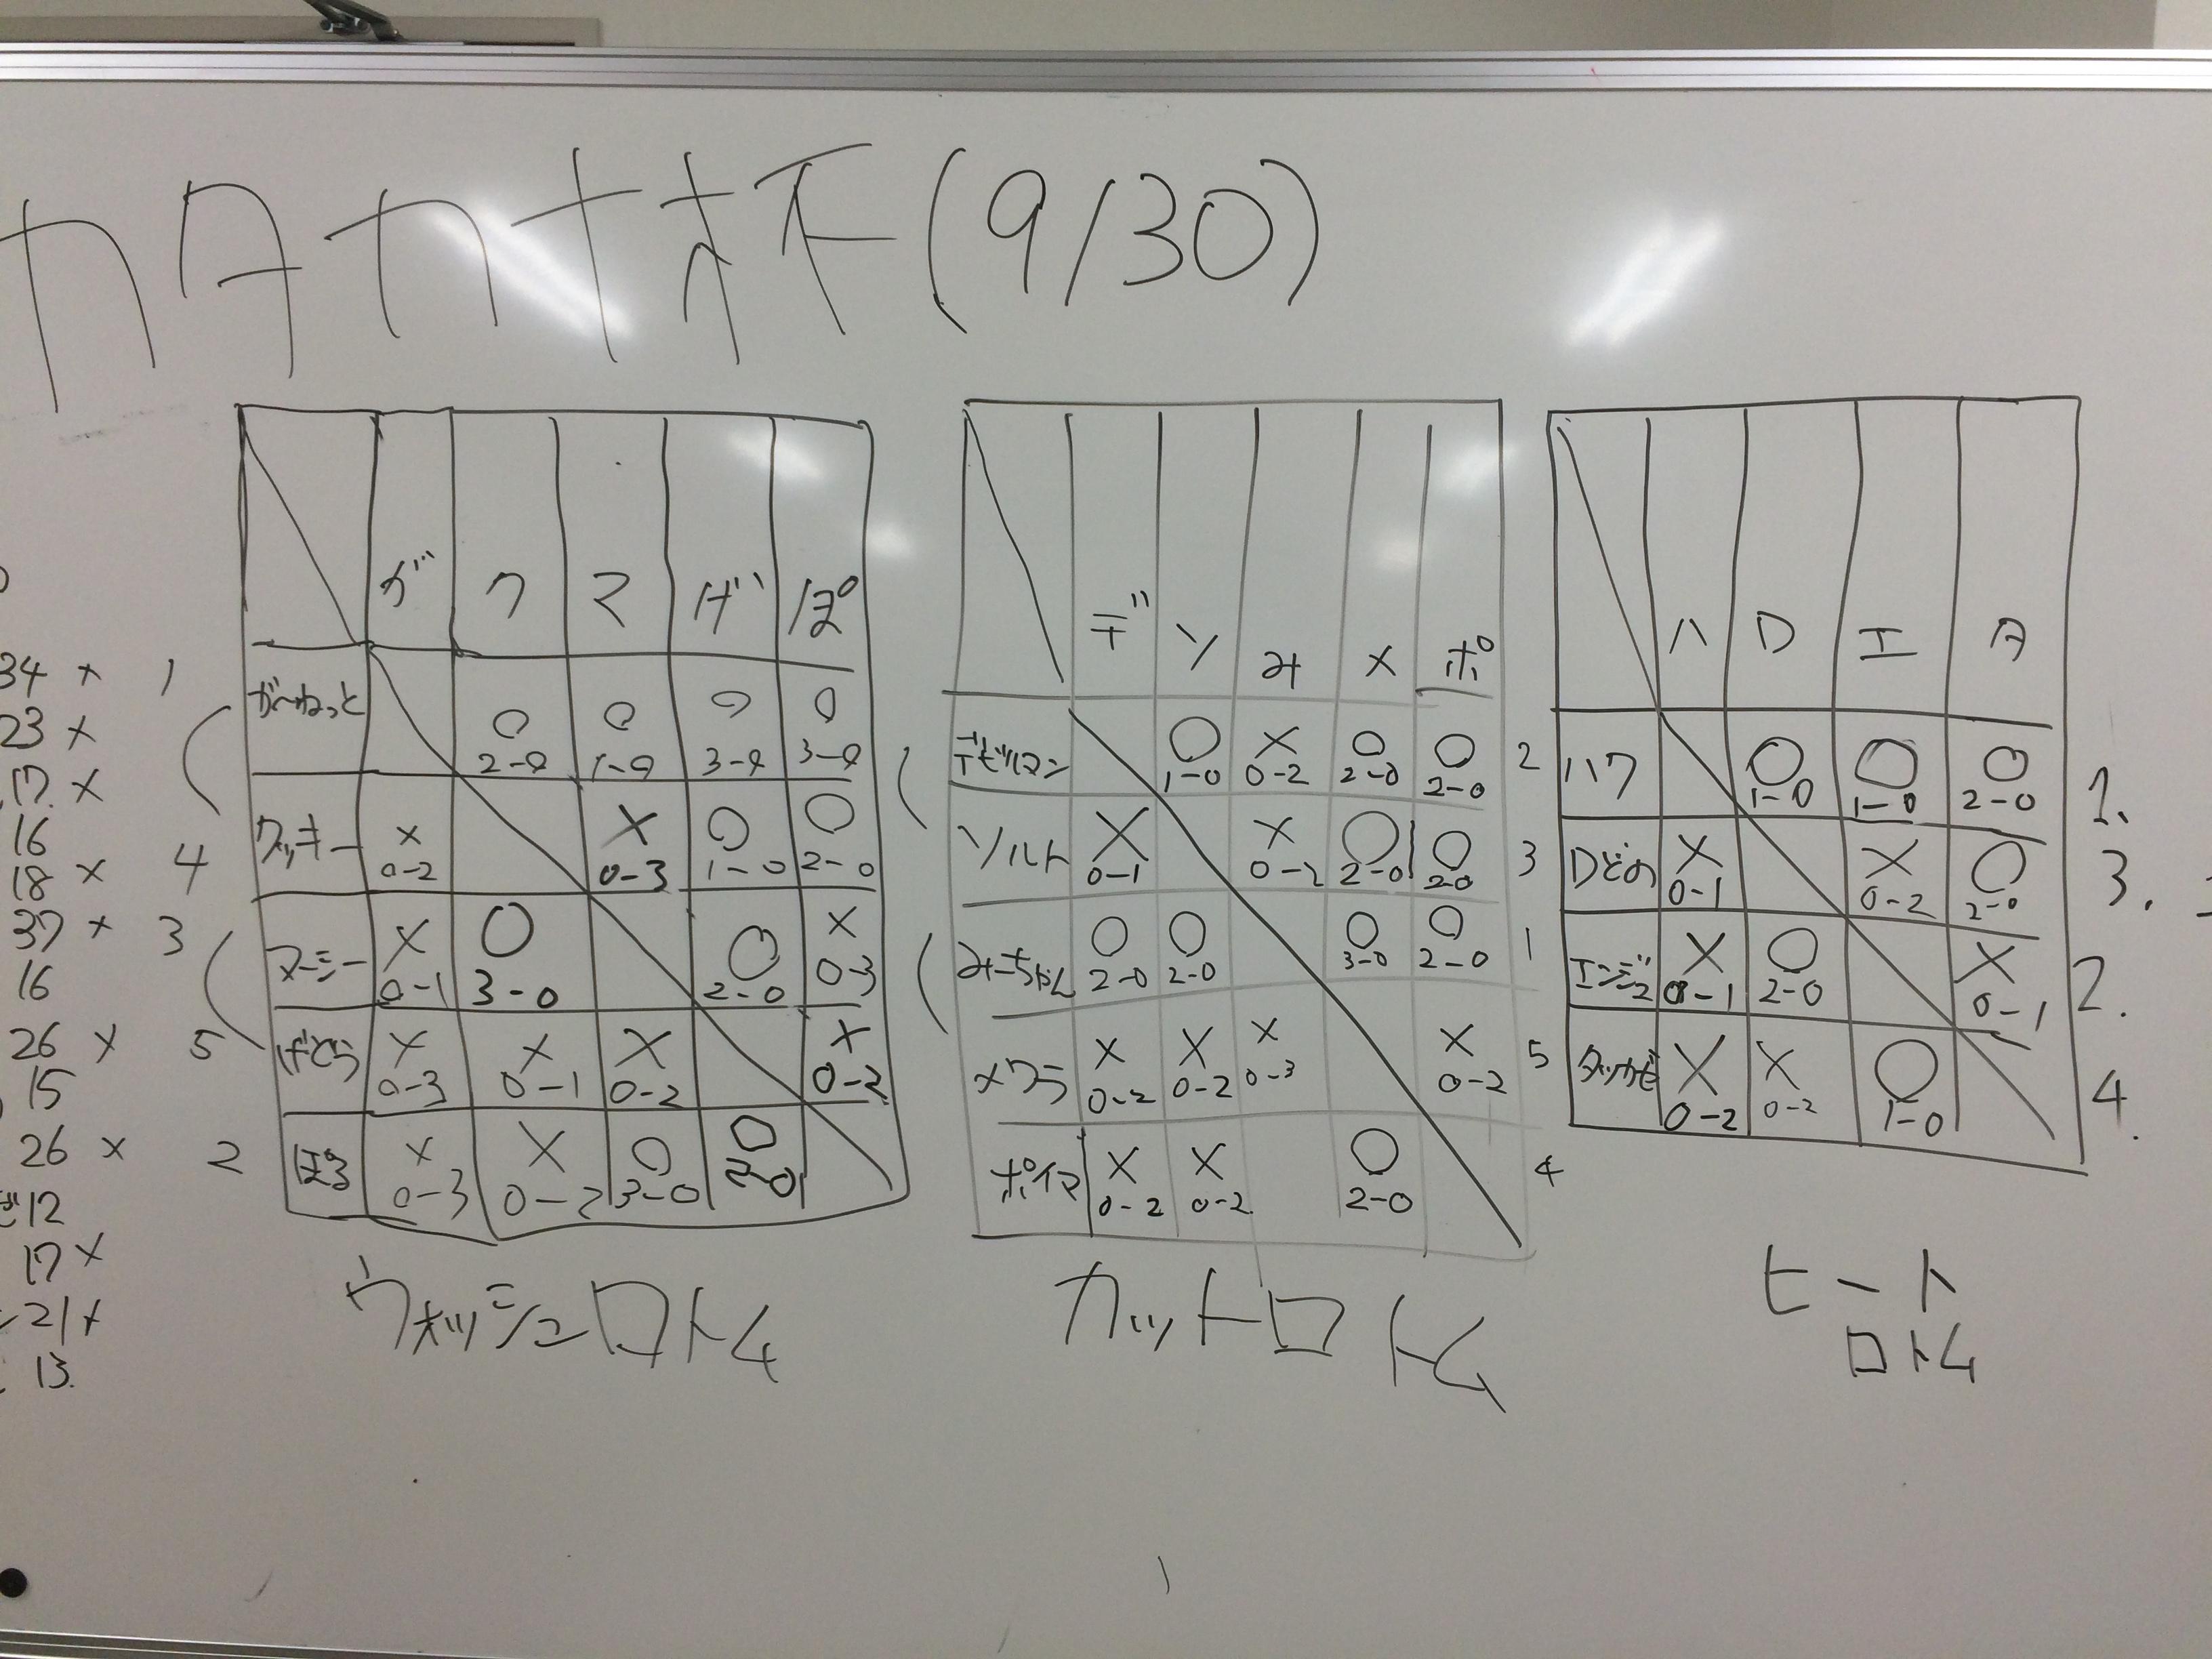 9_30 カタカナ1